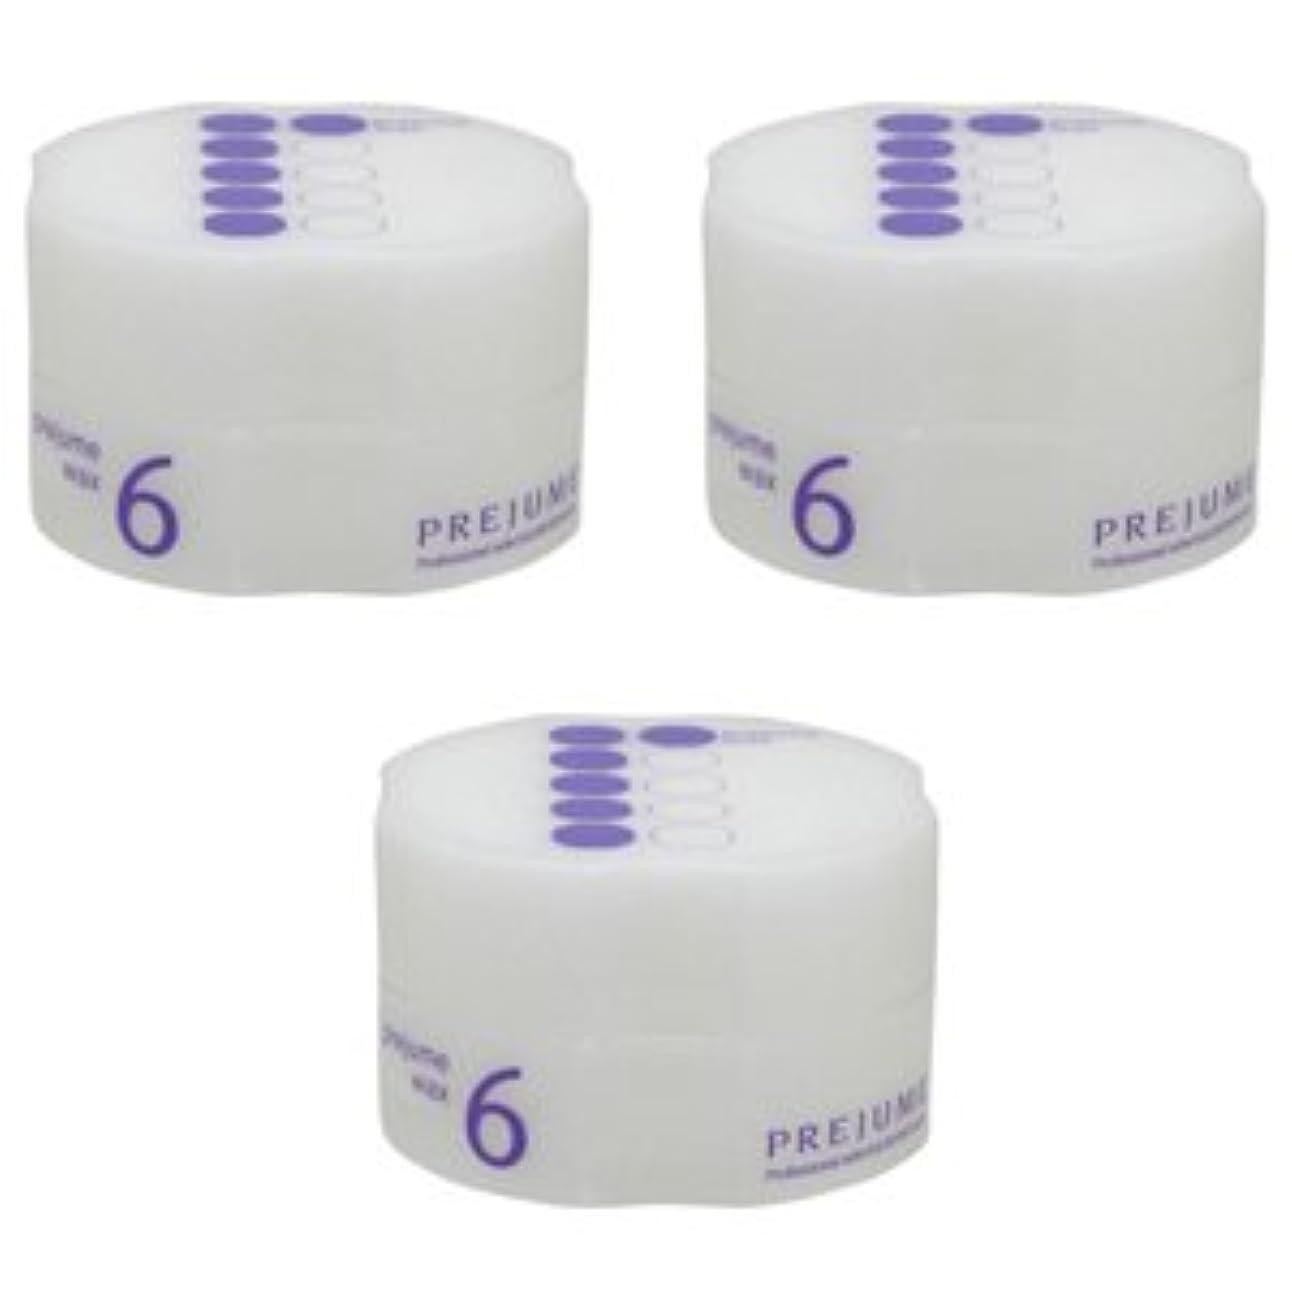 ピッチャー完璧な第九【X3個セット】 ミルボン プレジュームワックス6 90g